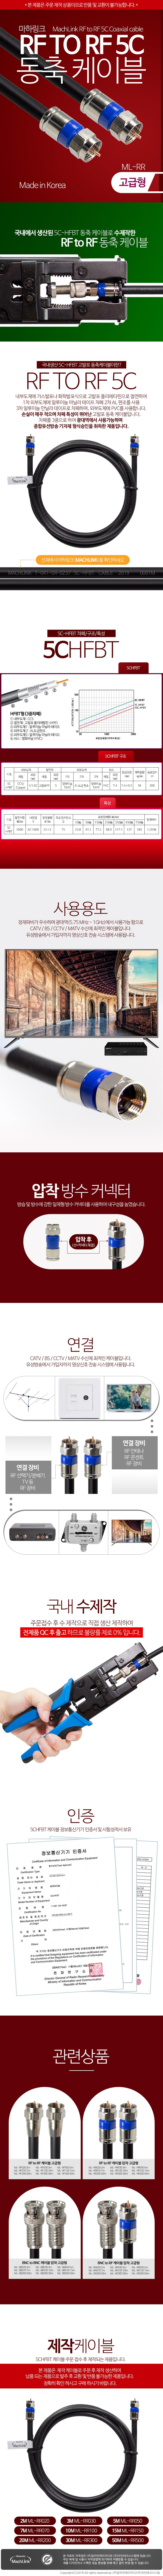 마하링크  RF to RF 5C 동축 케이블 (ML-RR)(2m)